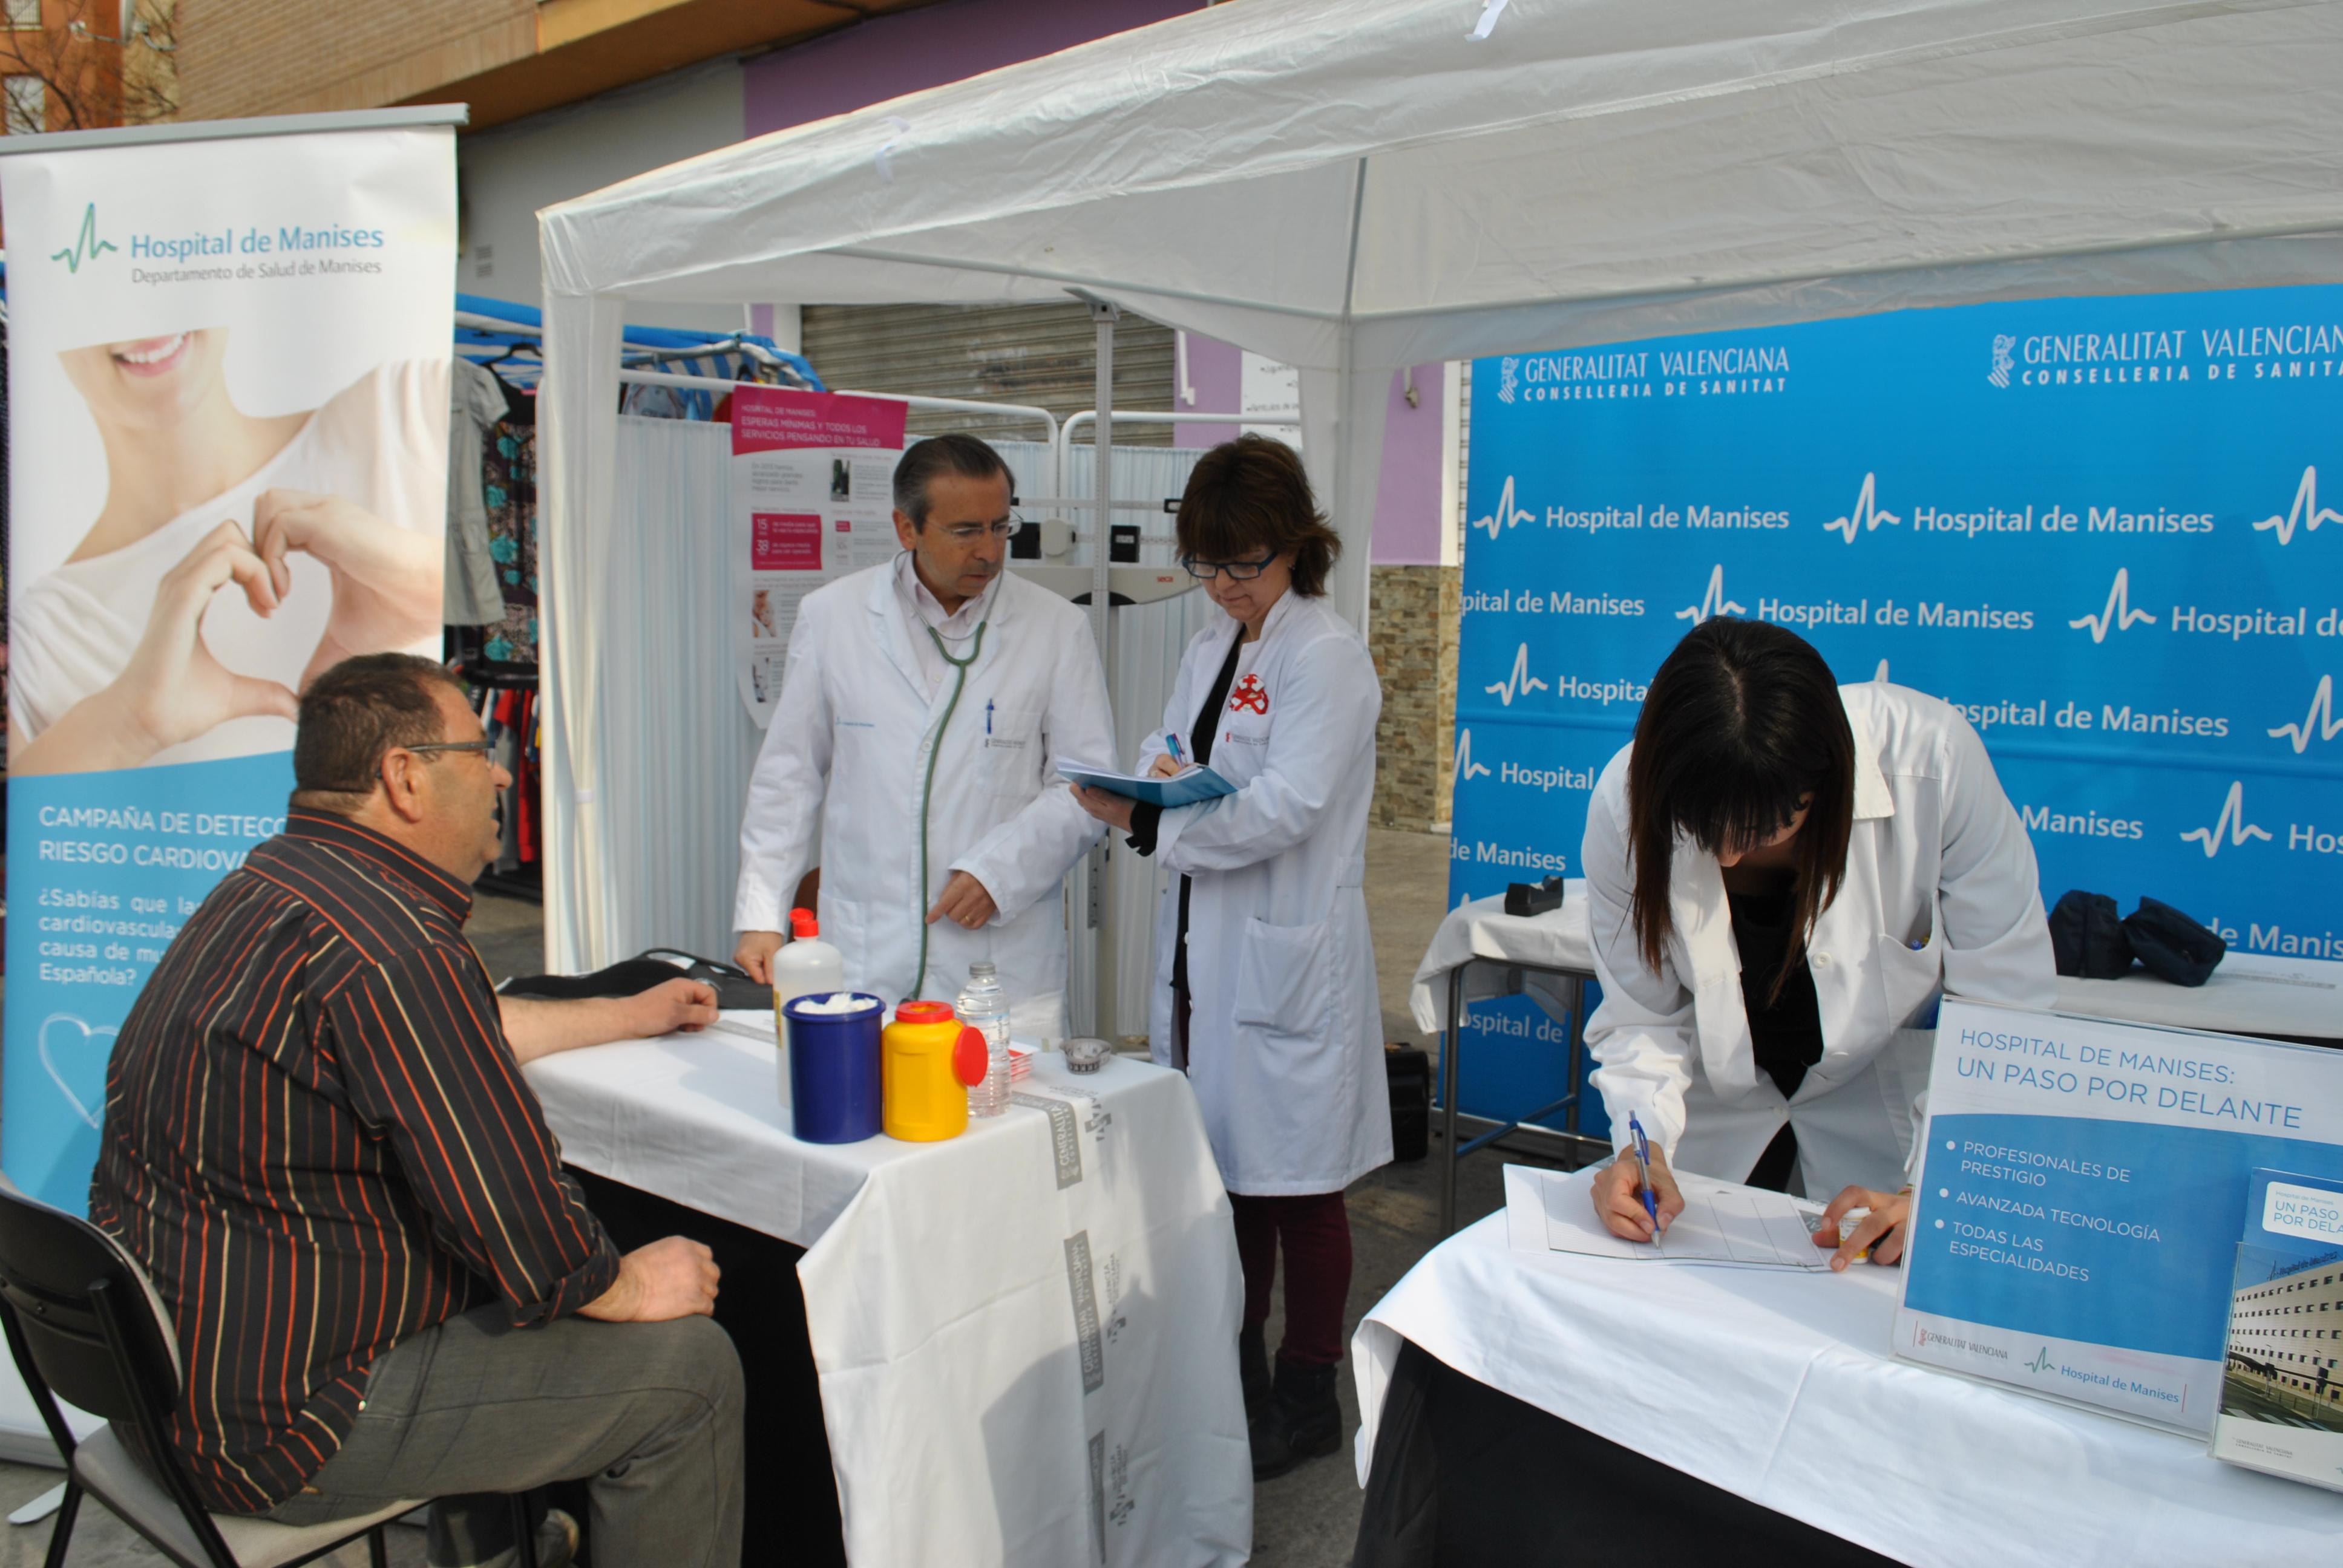 """Buñol celebra la III edición de la """"Semana de la Salud"""" del 11 al 18 de mayo."""